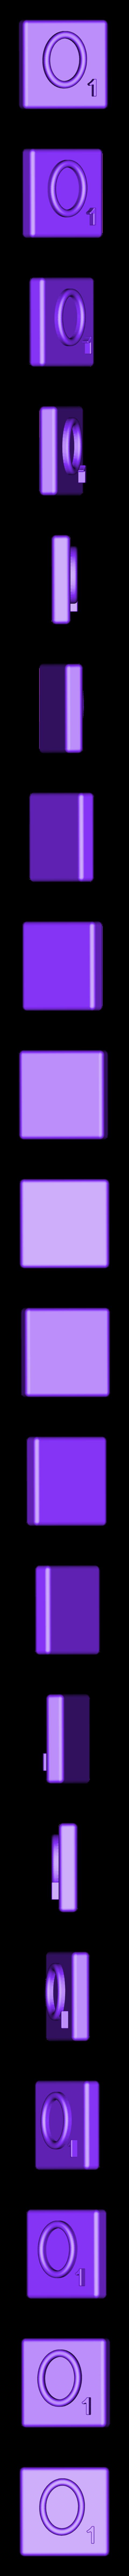 Single_Extruded_O.STL Télécharger fichier STL gratuit Pièces et support SCRABBBLE • Design pour imprimante 3D, Balkhagal4D